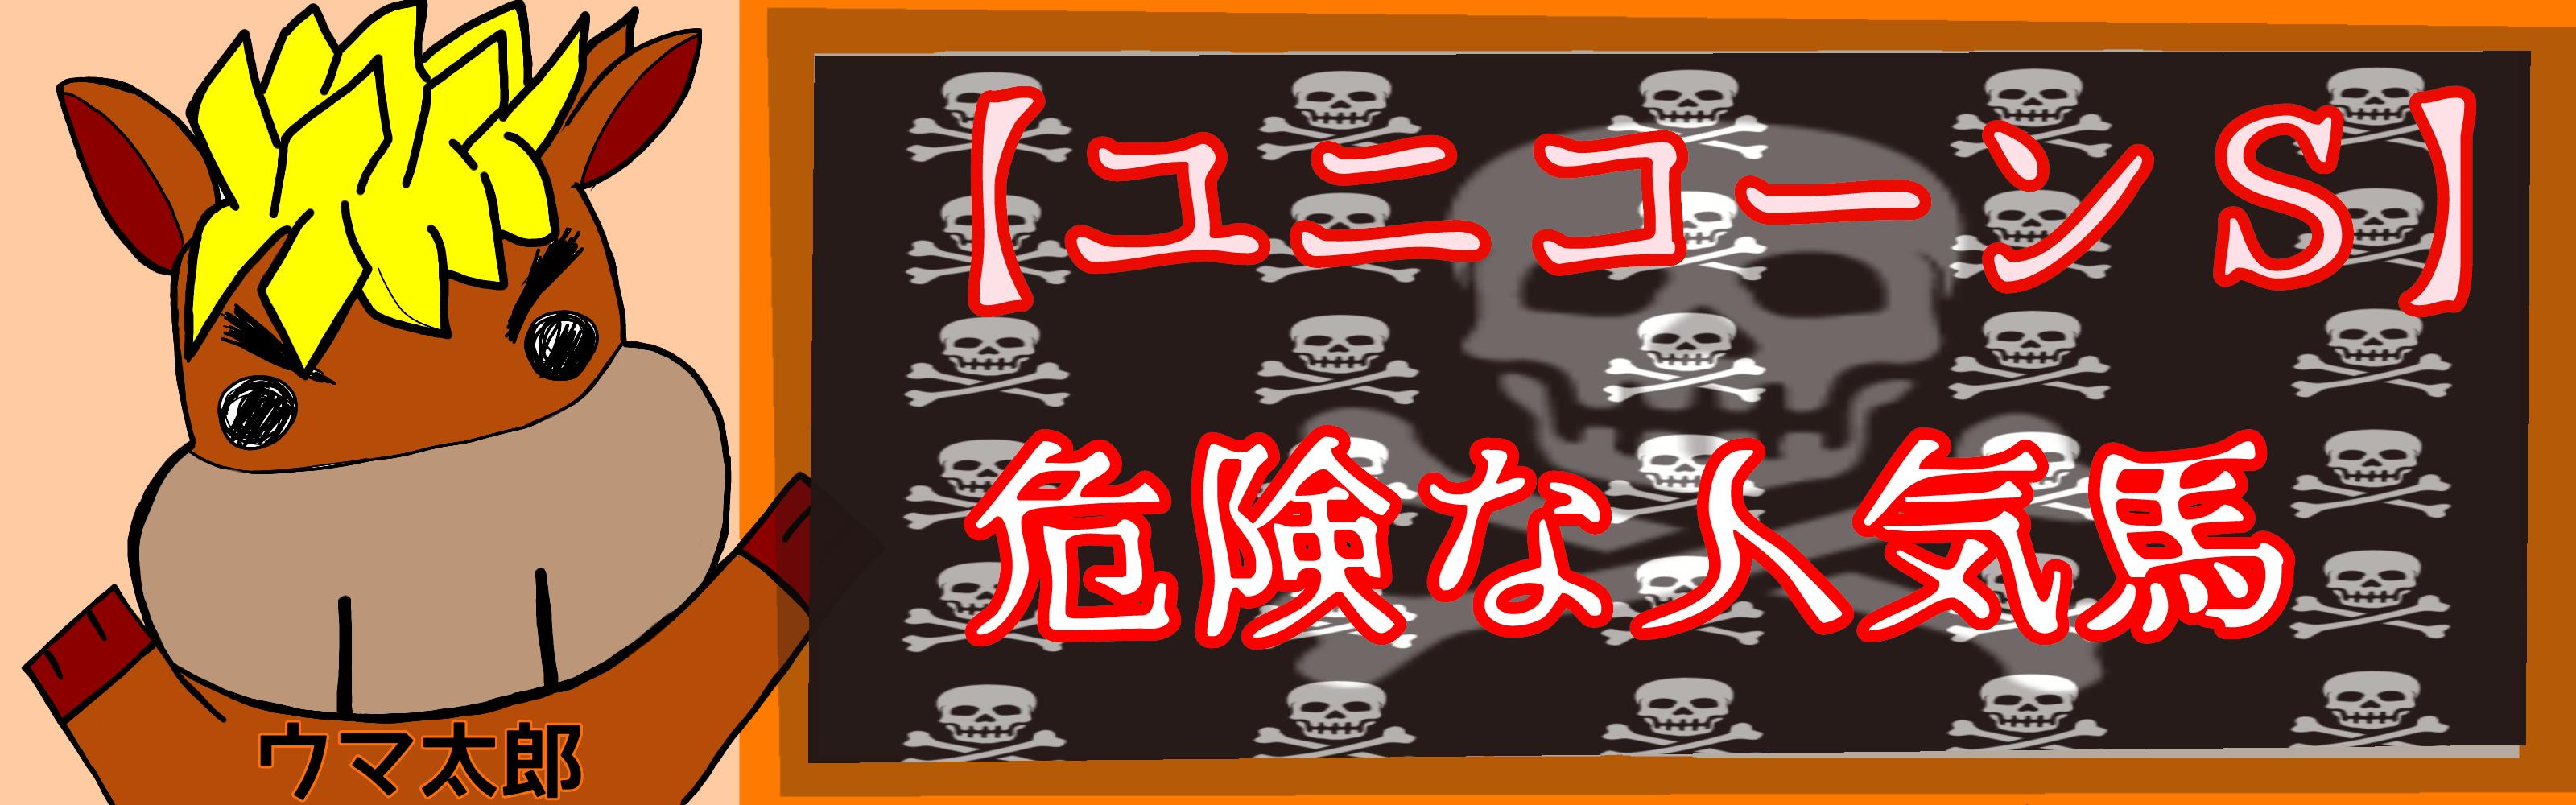 【ユニコーンS】危険な人気馬